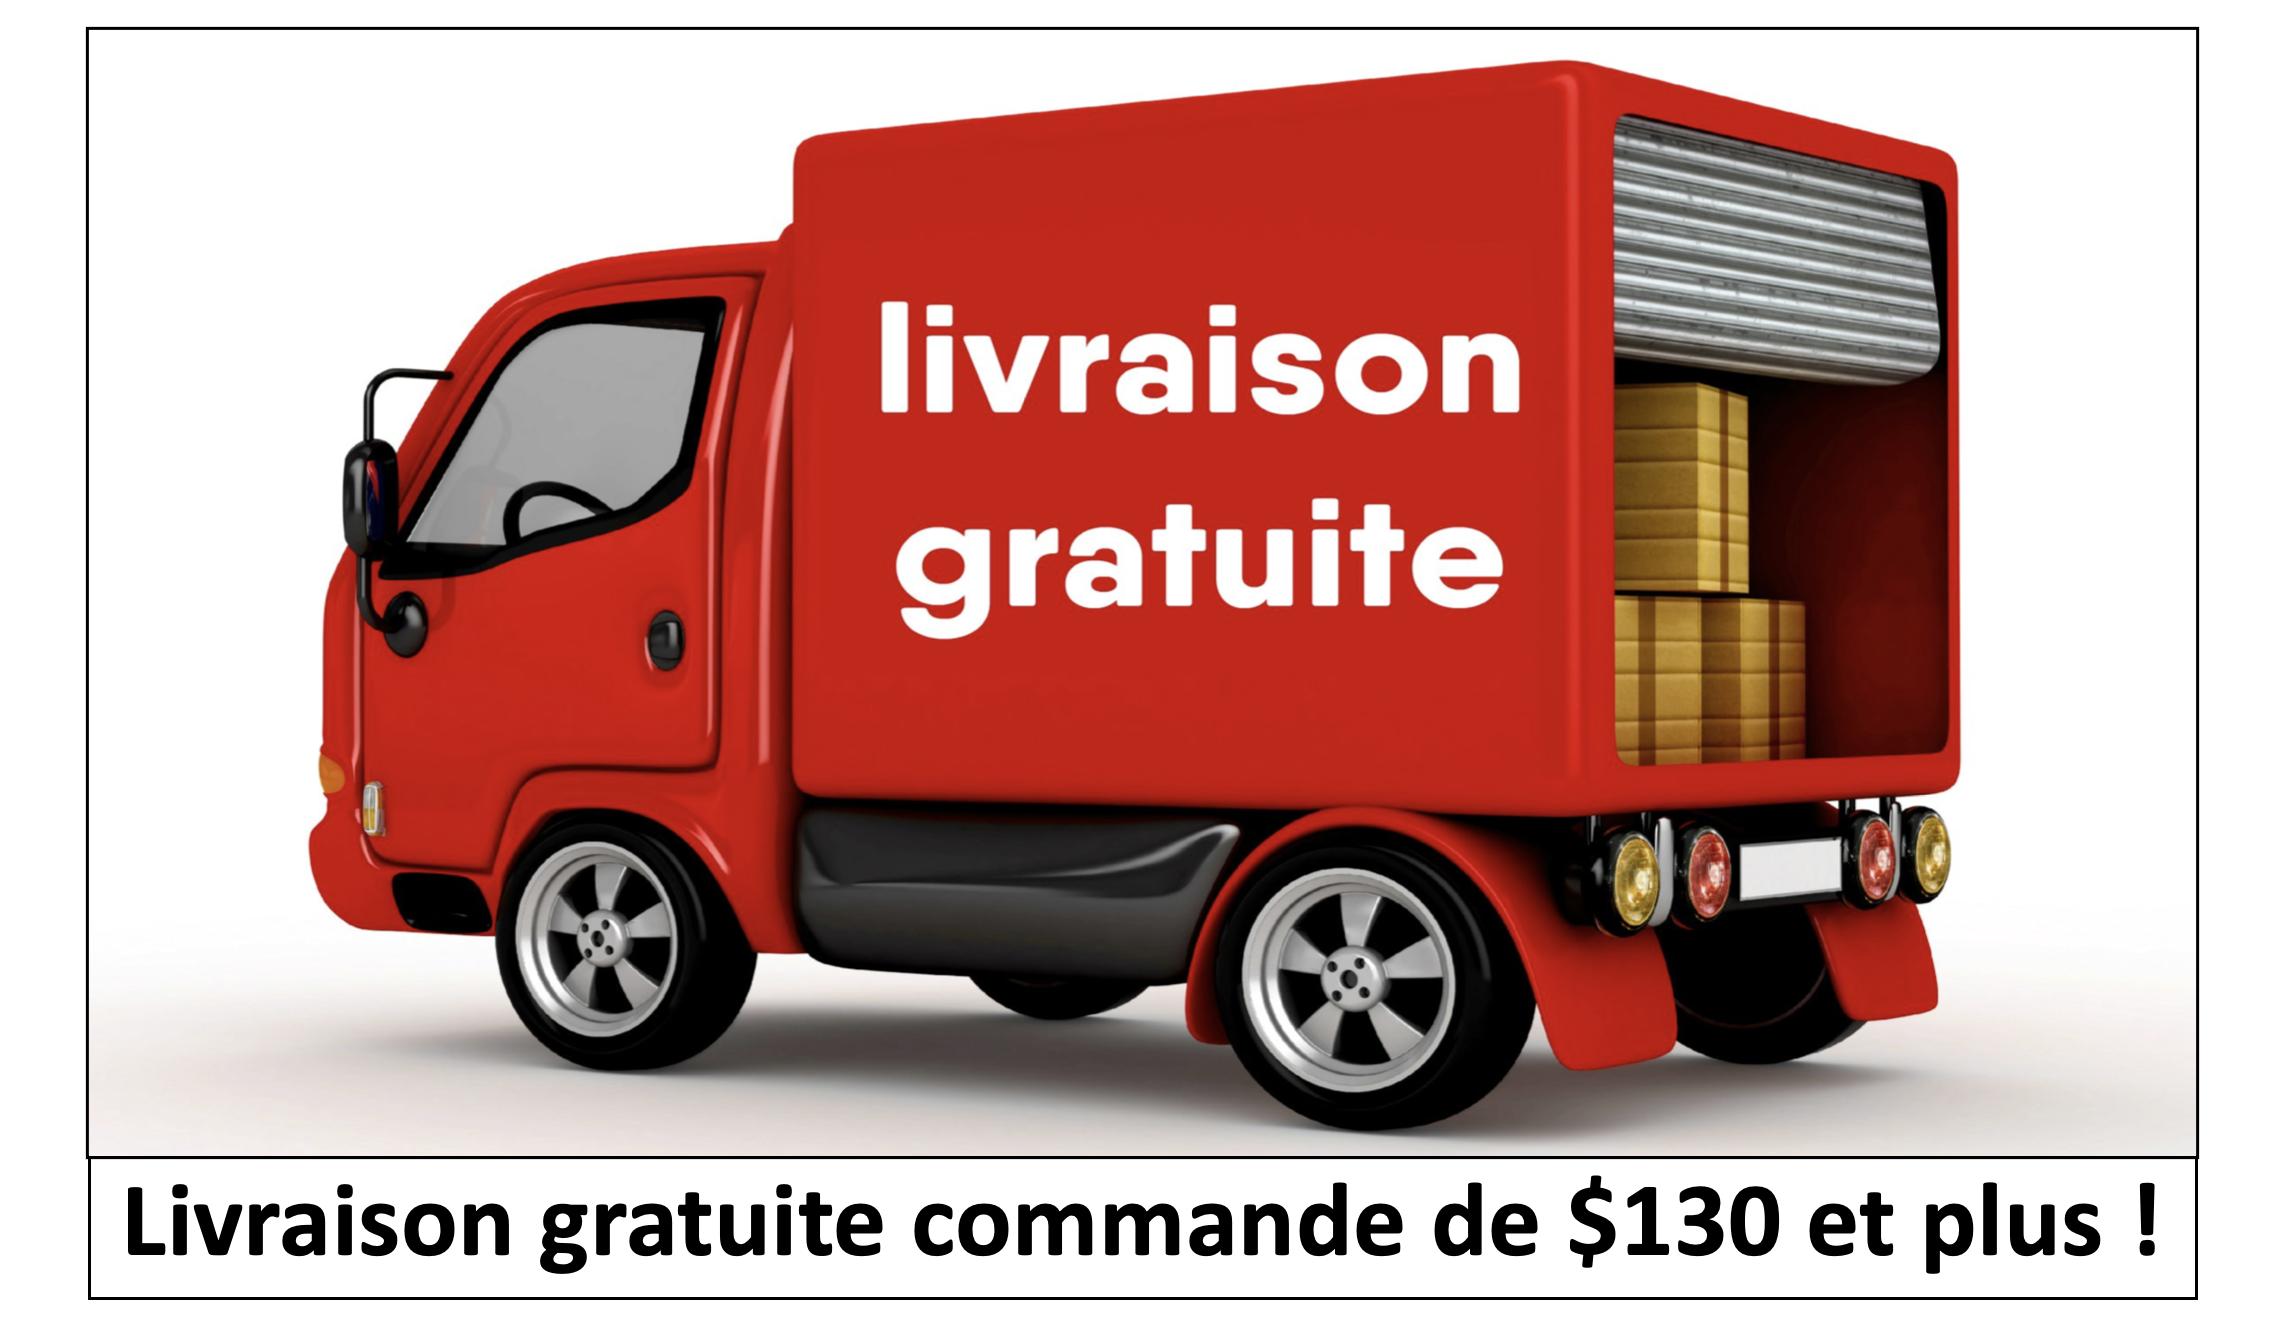 capture-d-cran-le-2021-05-09-16.47.16.png